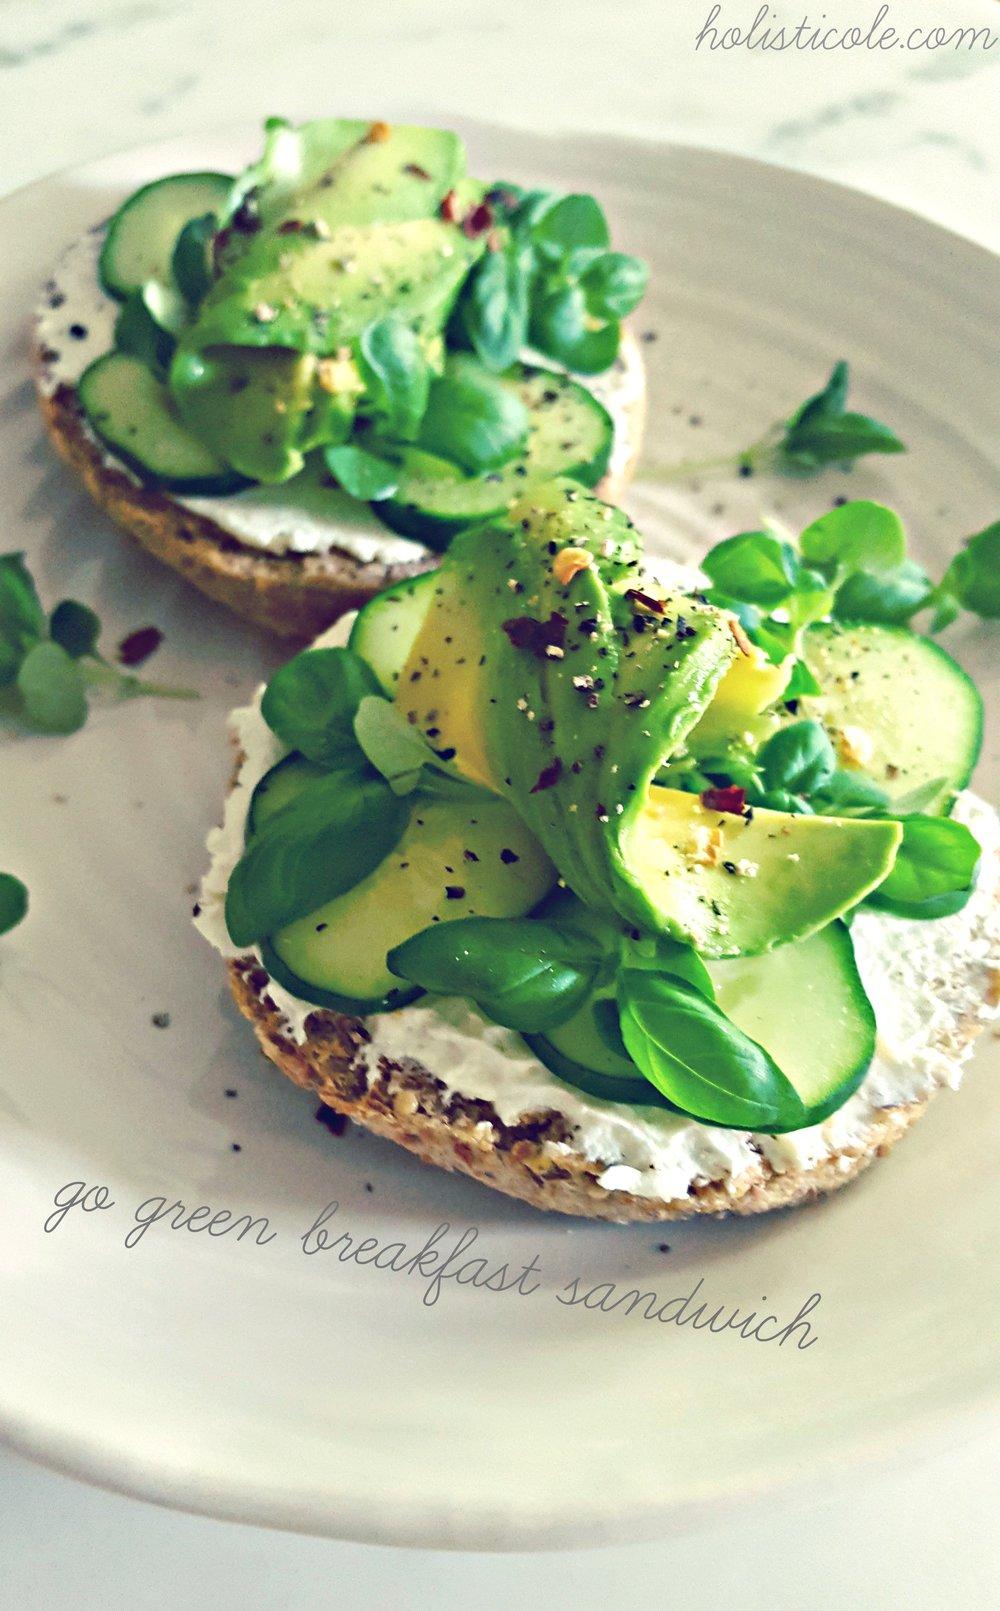 go green breakfast sandwich